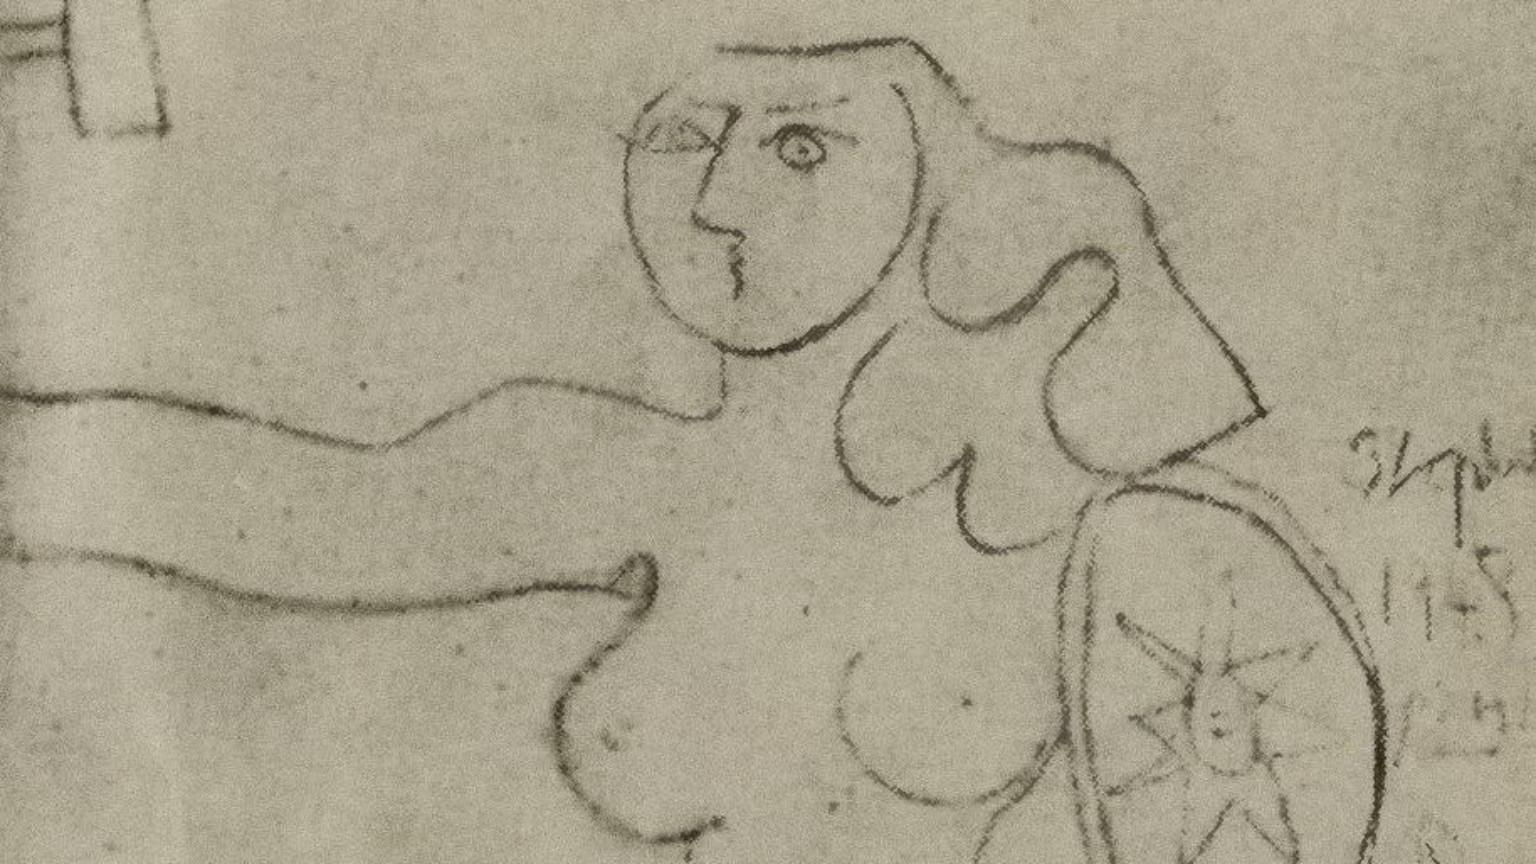 Zdjęcie dla kartki: Picasso maluje warszawską Syrenkę